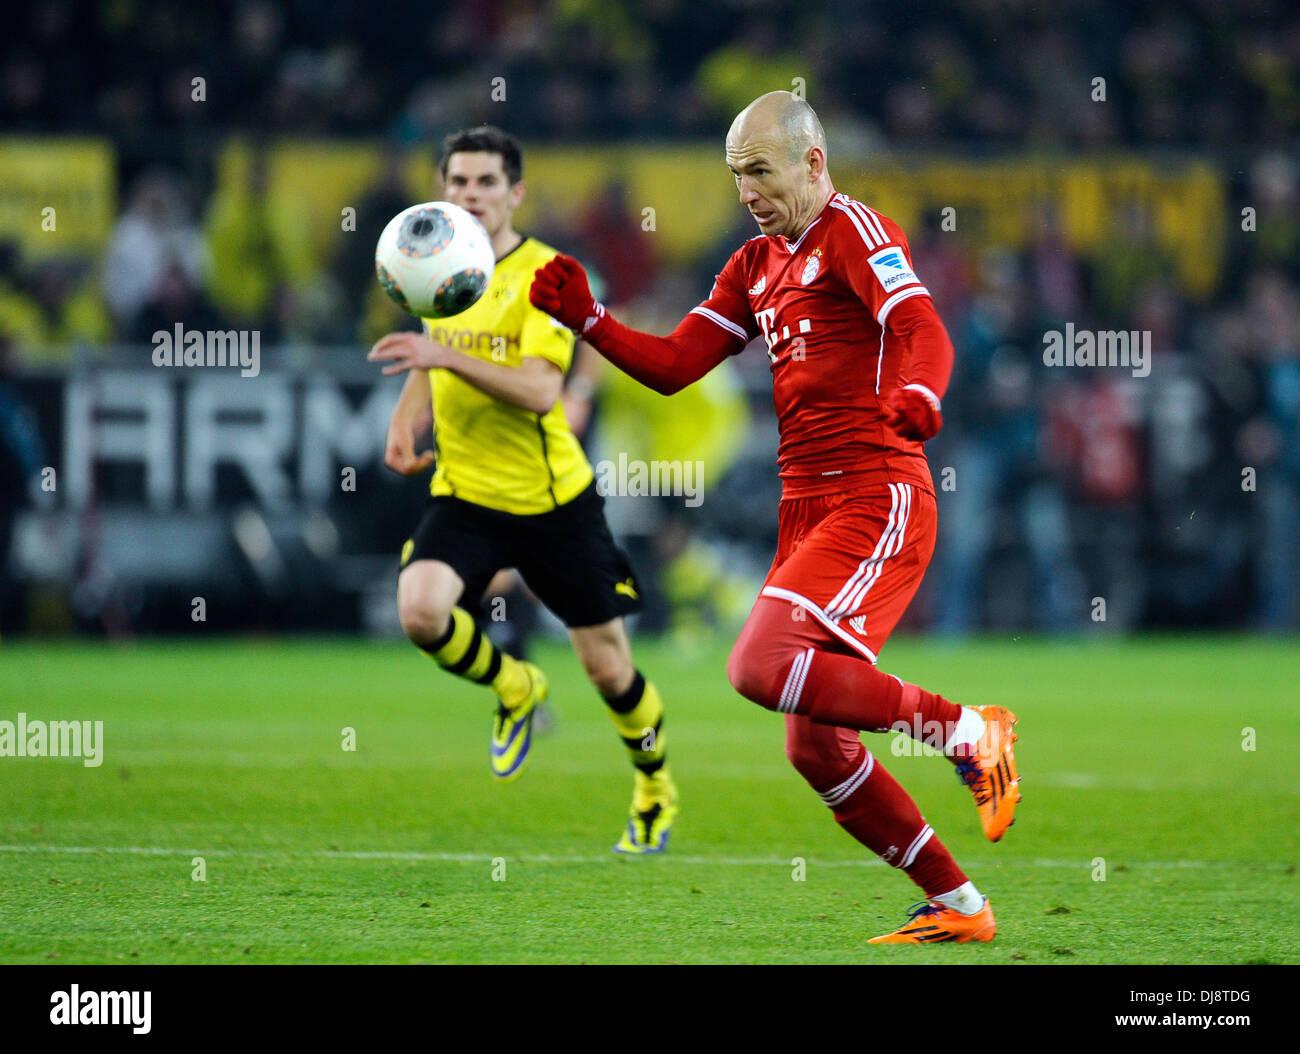 Dortmund, Germany November 23rd 2013, German Football Bundesliga Season 2013/14 matchday 13, Borussia Dortmund (BVB) vs.  FC Bayern Munich (Muenchen, Munchen, FCB) 3:0 --- Arjen Robben (FCB) - Stock Image